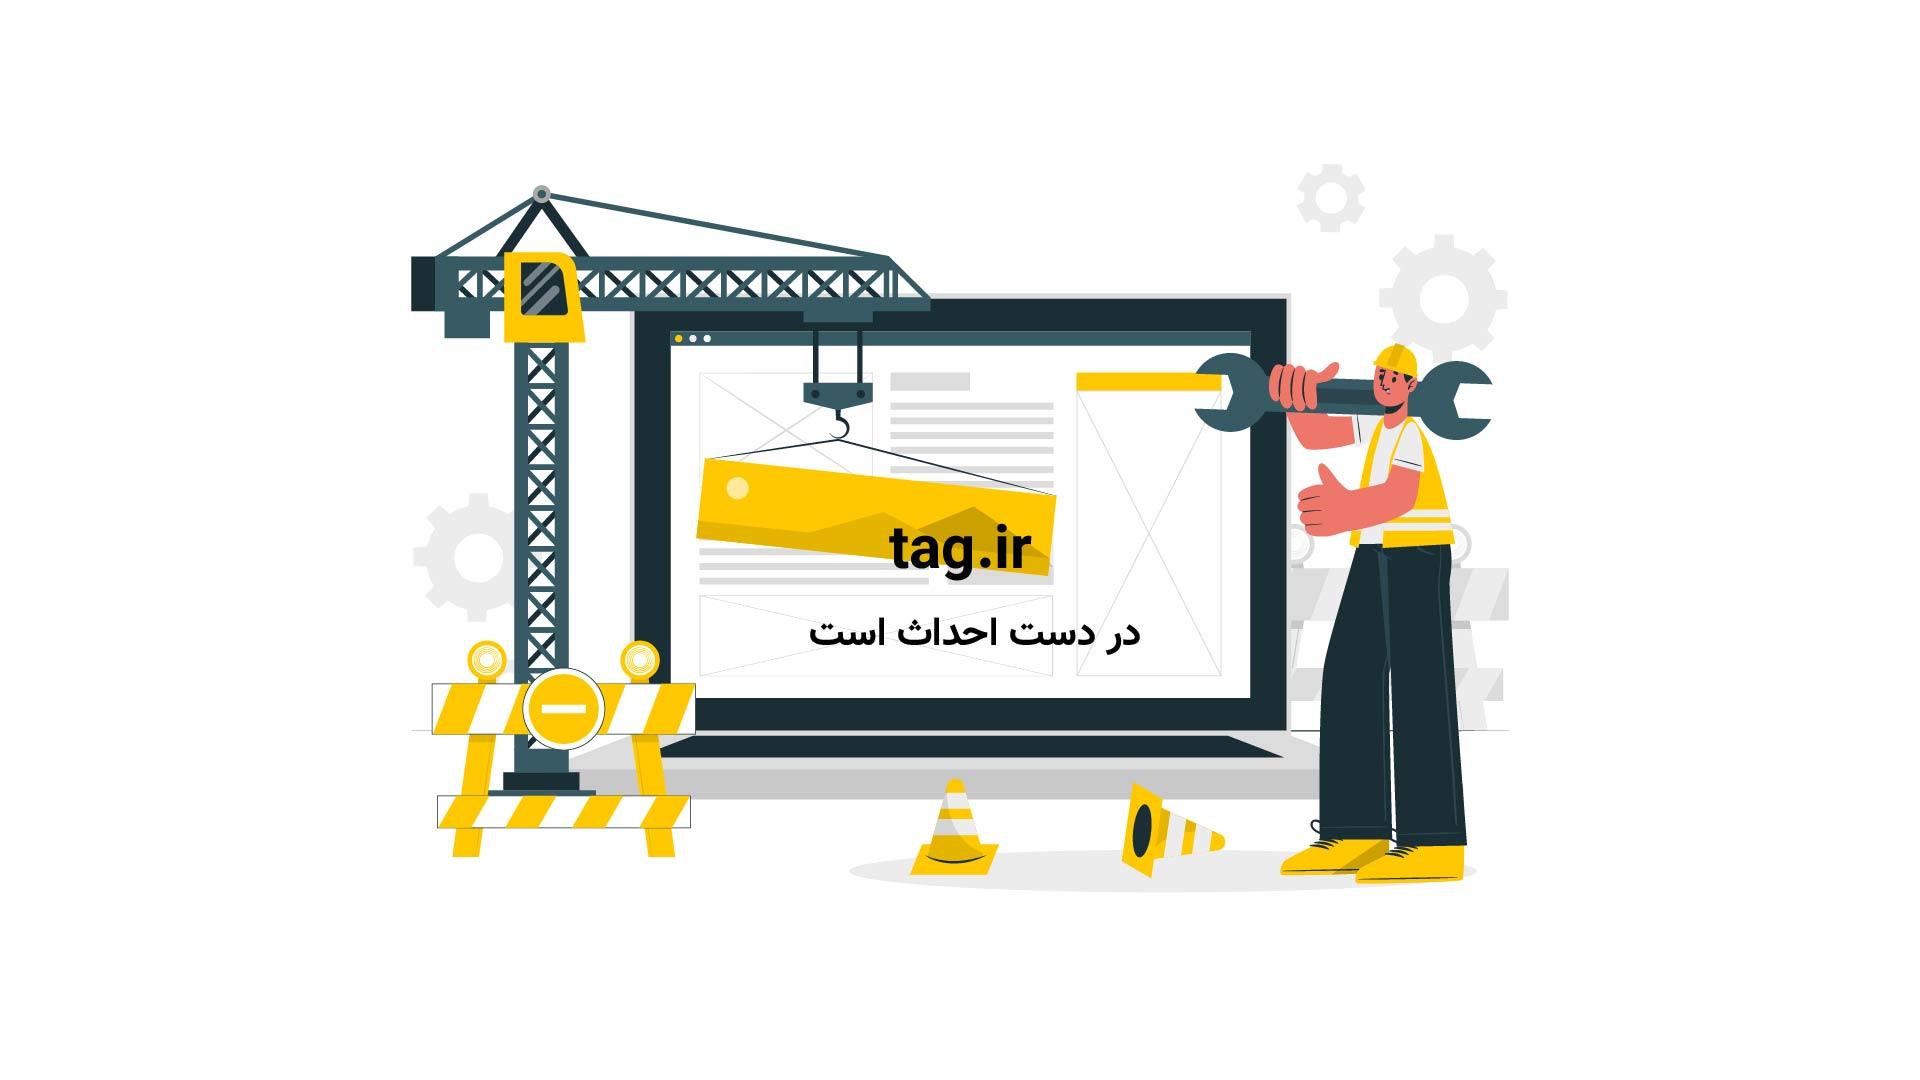 لحظه ورود علیرضا فغانی به برنامه دورهمی   فیلم